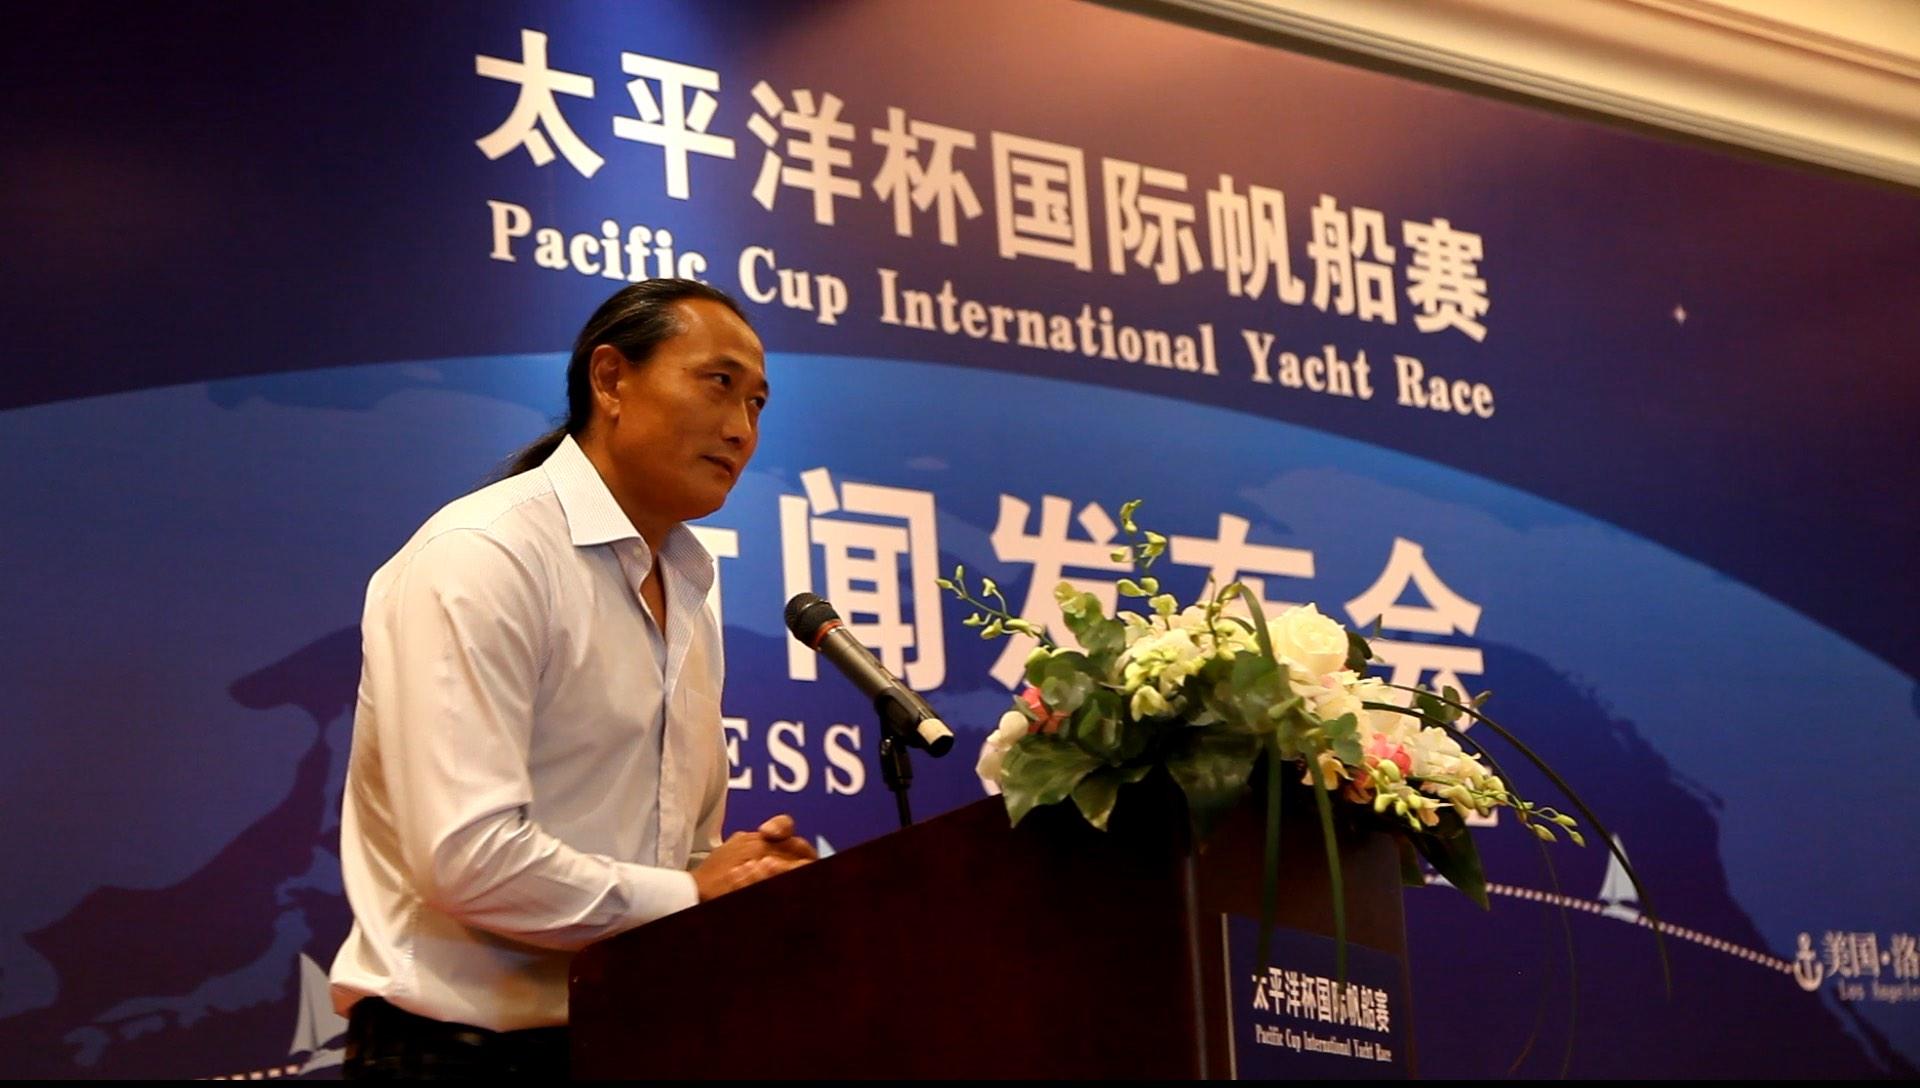 [视频直播]聚焦太平洋杯国际帆船赛启动仪式 MVI_8551[00_00_01][20161012-192525-0].jpg